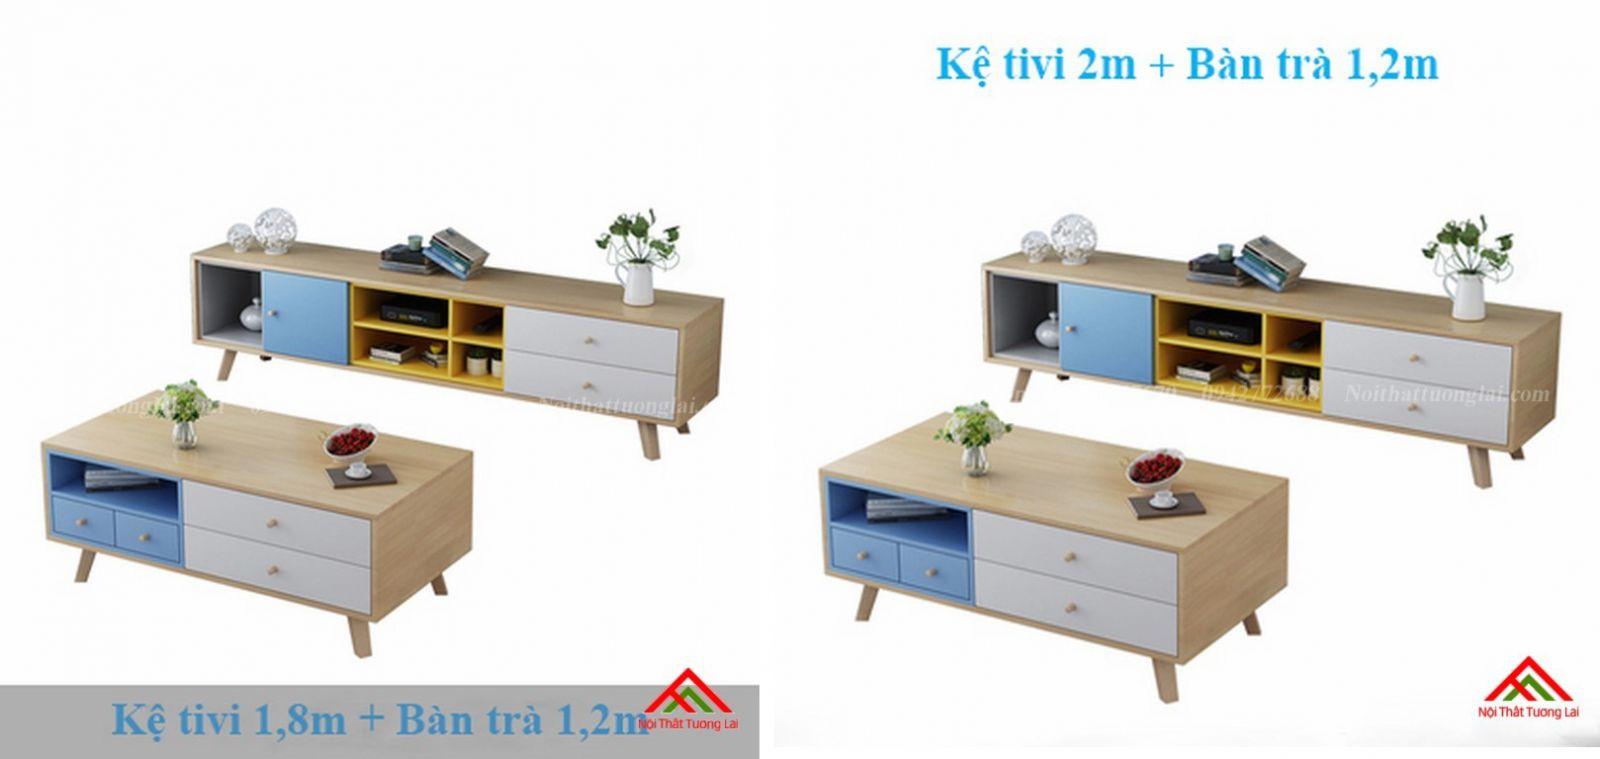 Kệ tivi chân gỗ kết hợp kệ trang trí đa năng KE6806 10